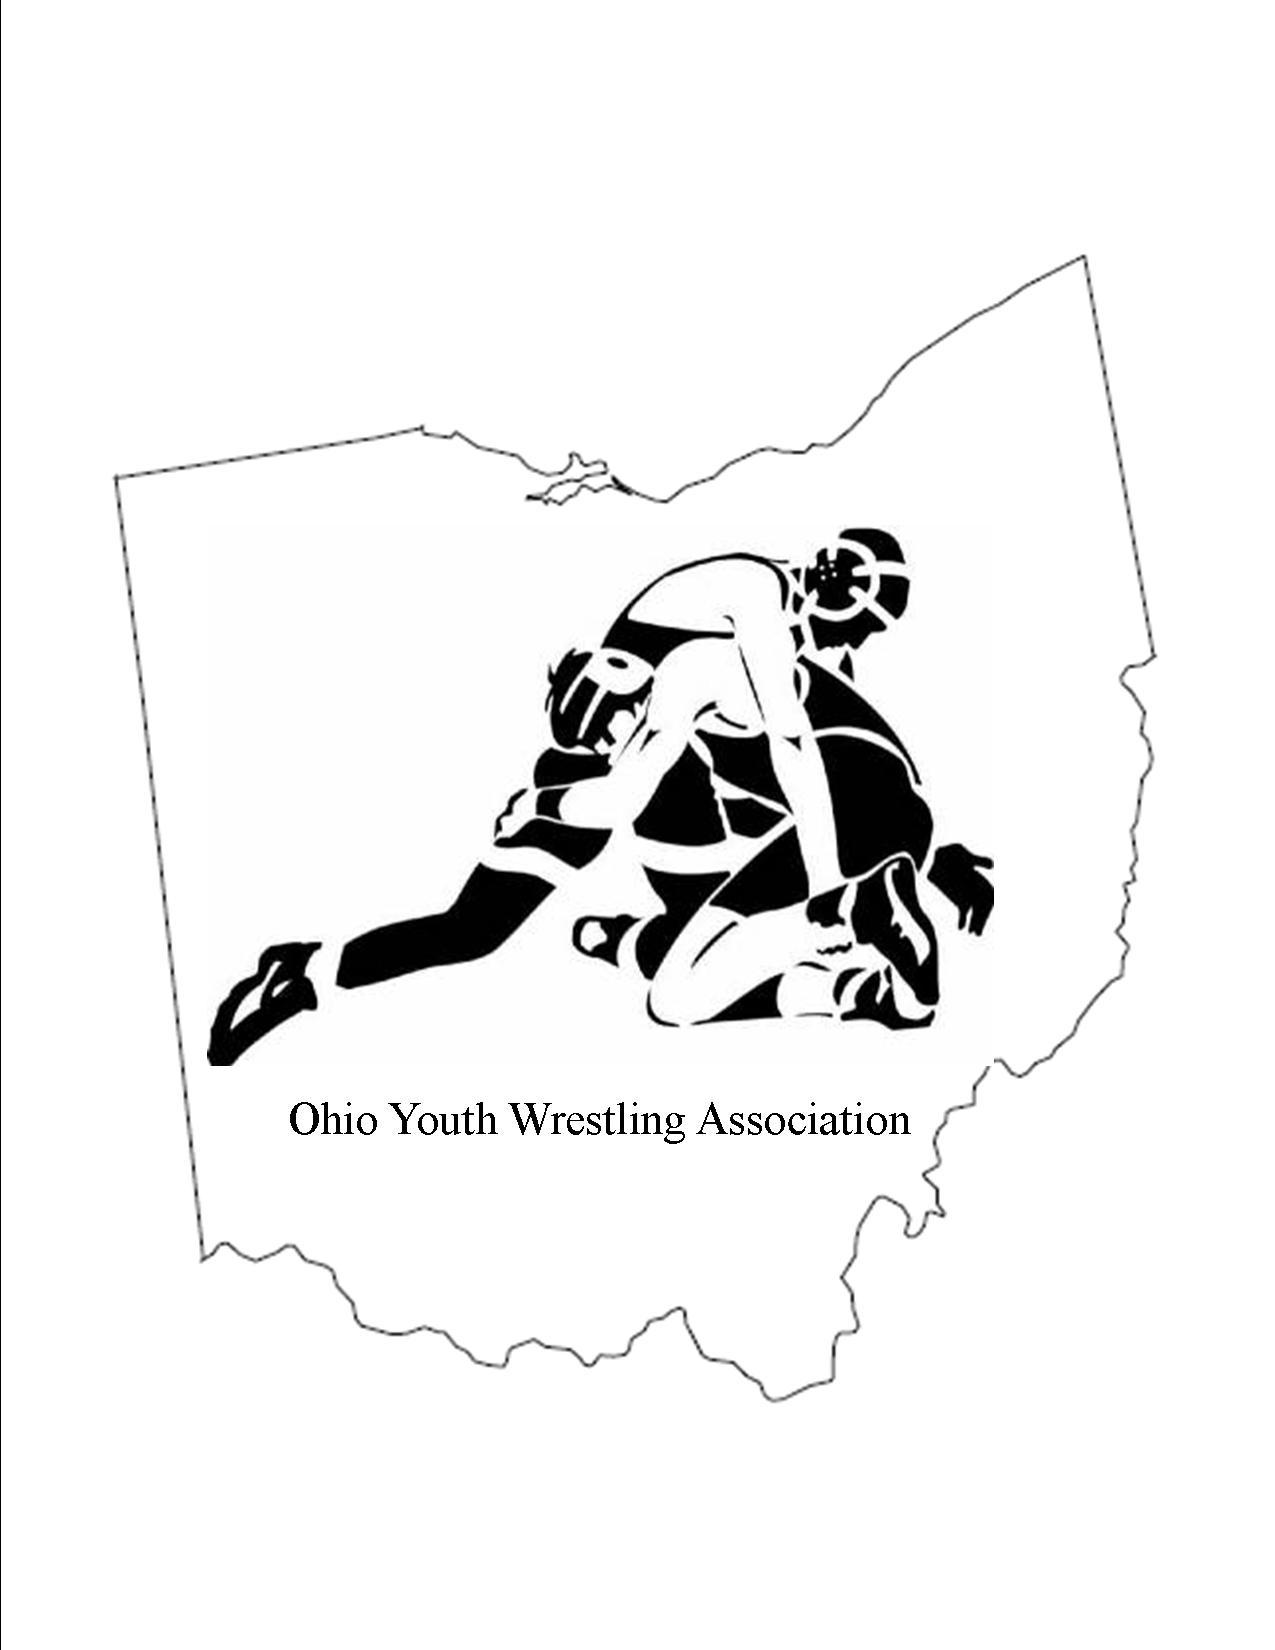 Ohio Youth Wrestling Association